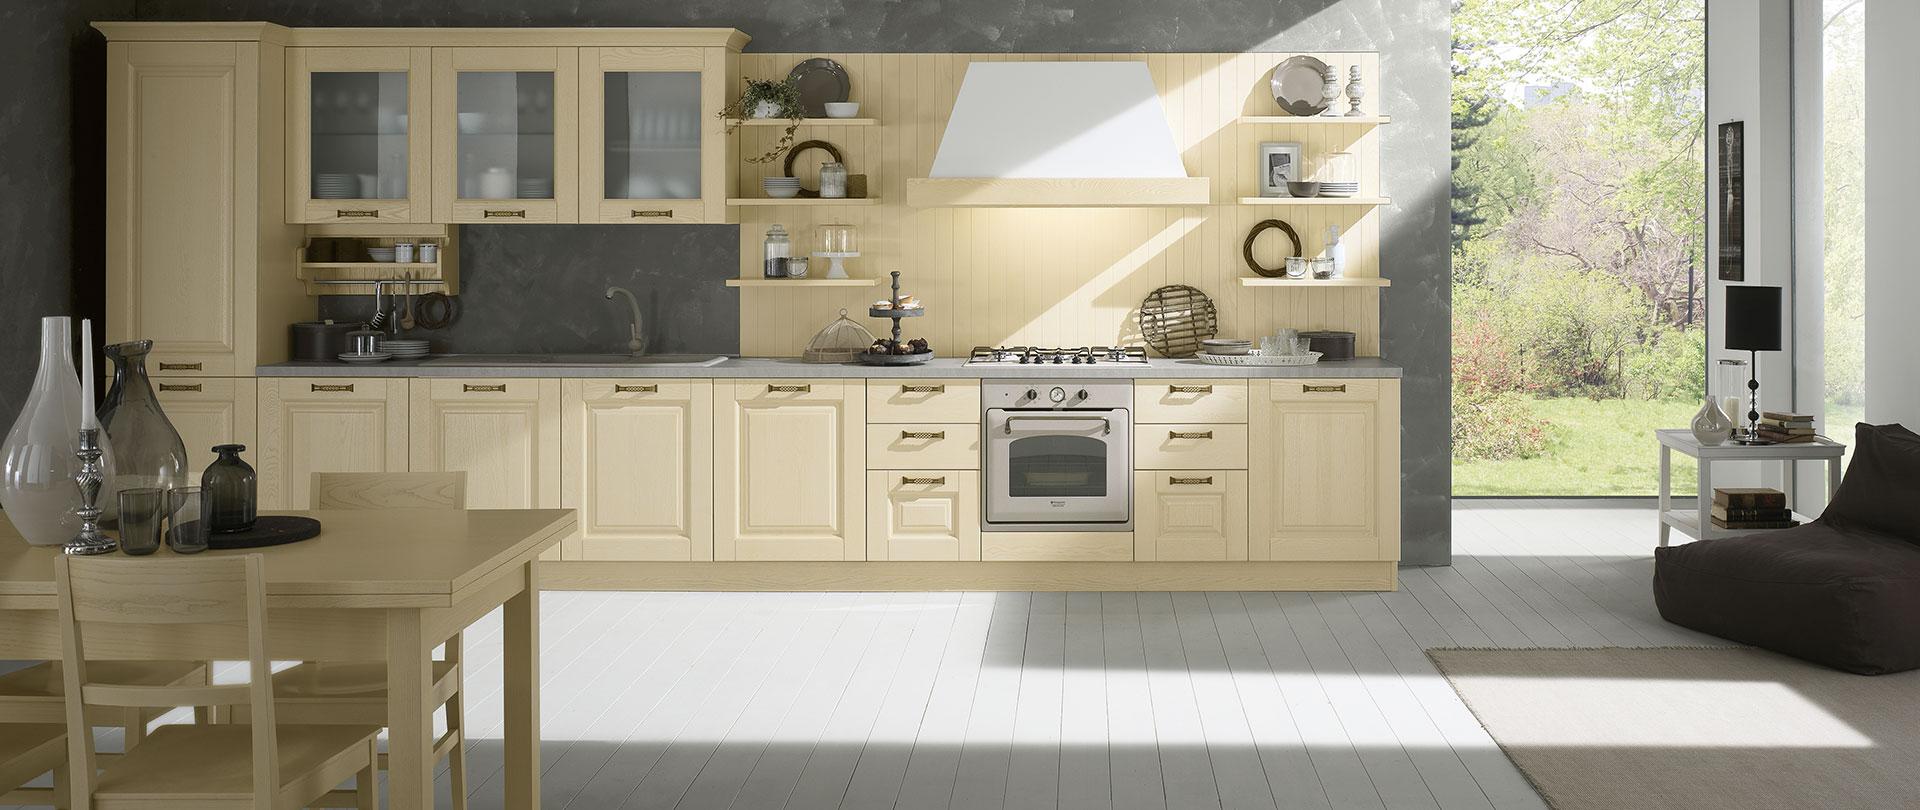 Cucine classiche in legno massello telma evo cucine - Cucina color panna ...